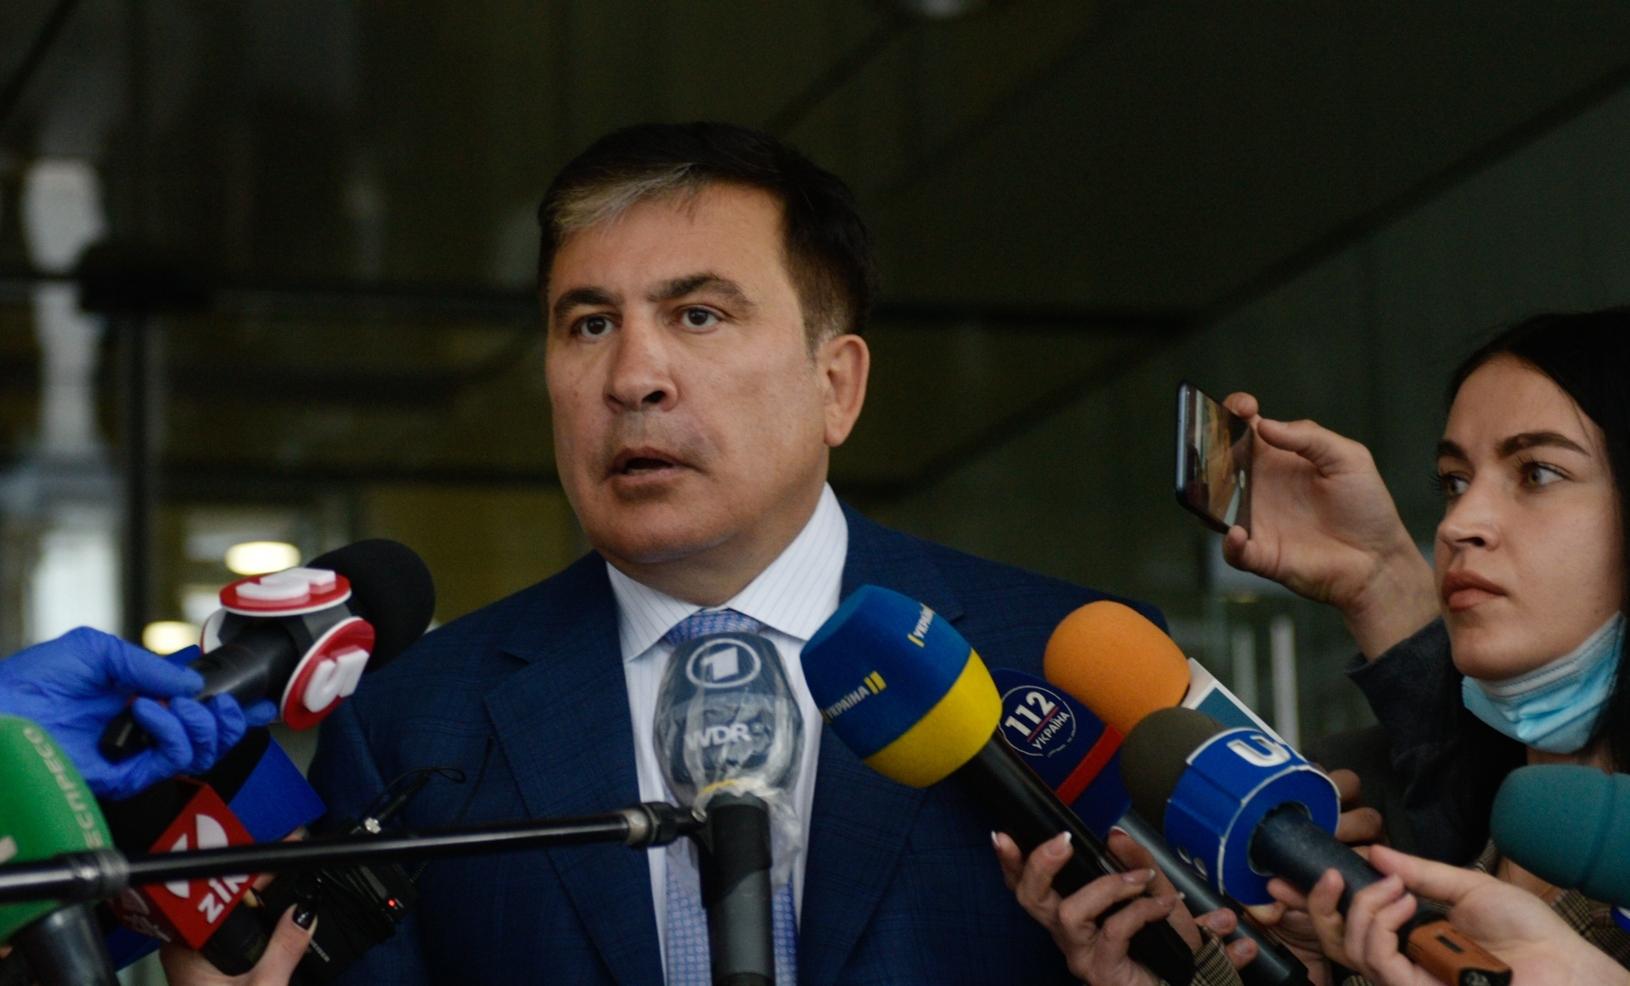 سآكاشفيلي: أوكرانيا أصبحت ملاذا لمجرمين من كل أنحاء الاتحاد السوفيتي السابق